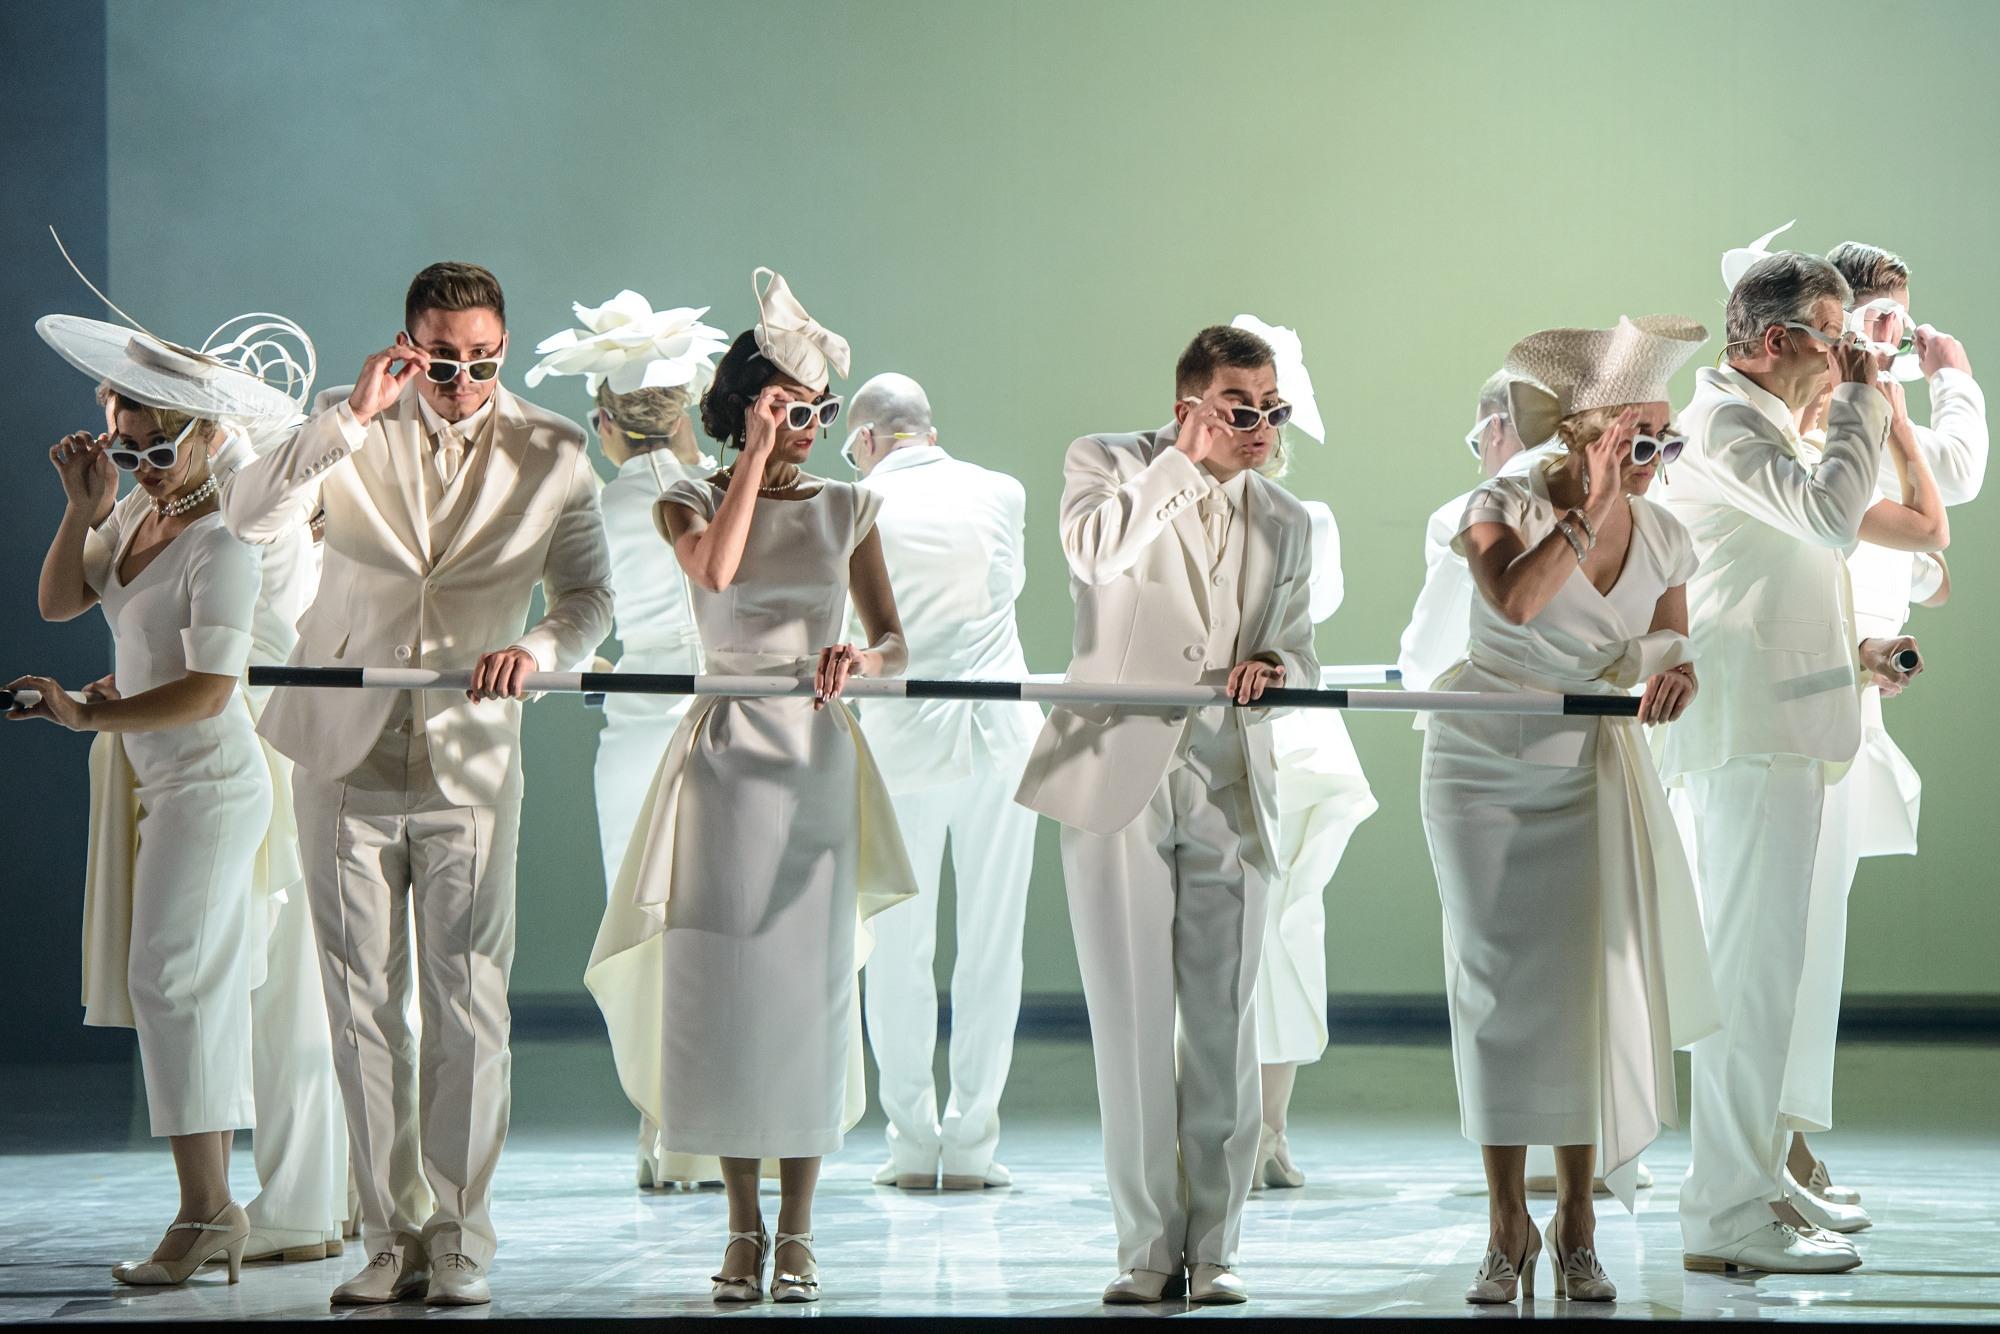 Moterys ir vyrai ant scenos.